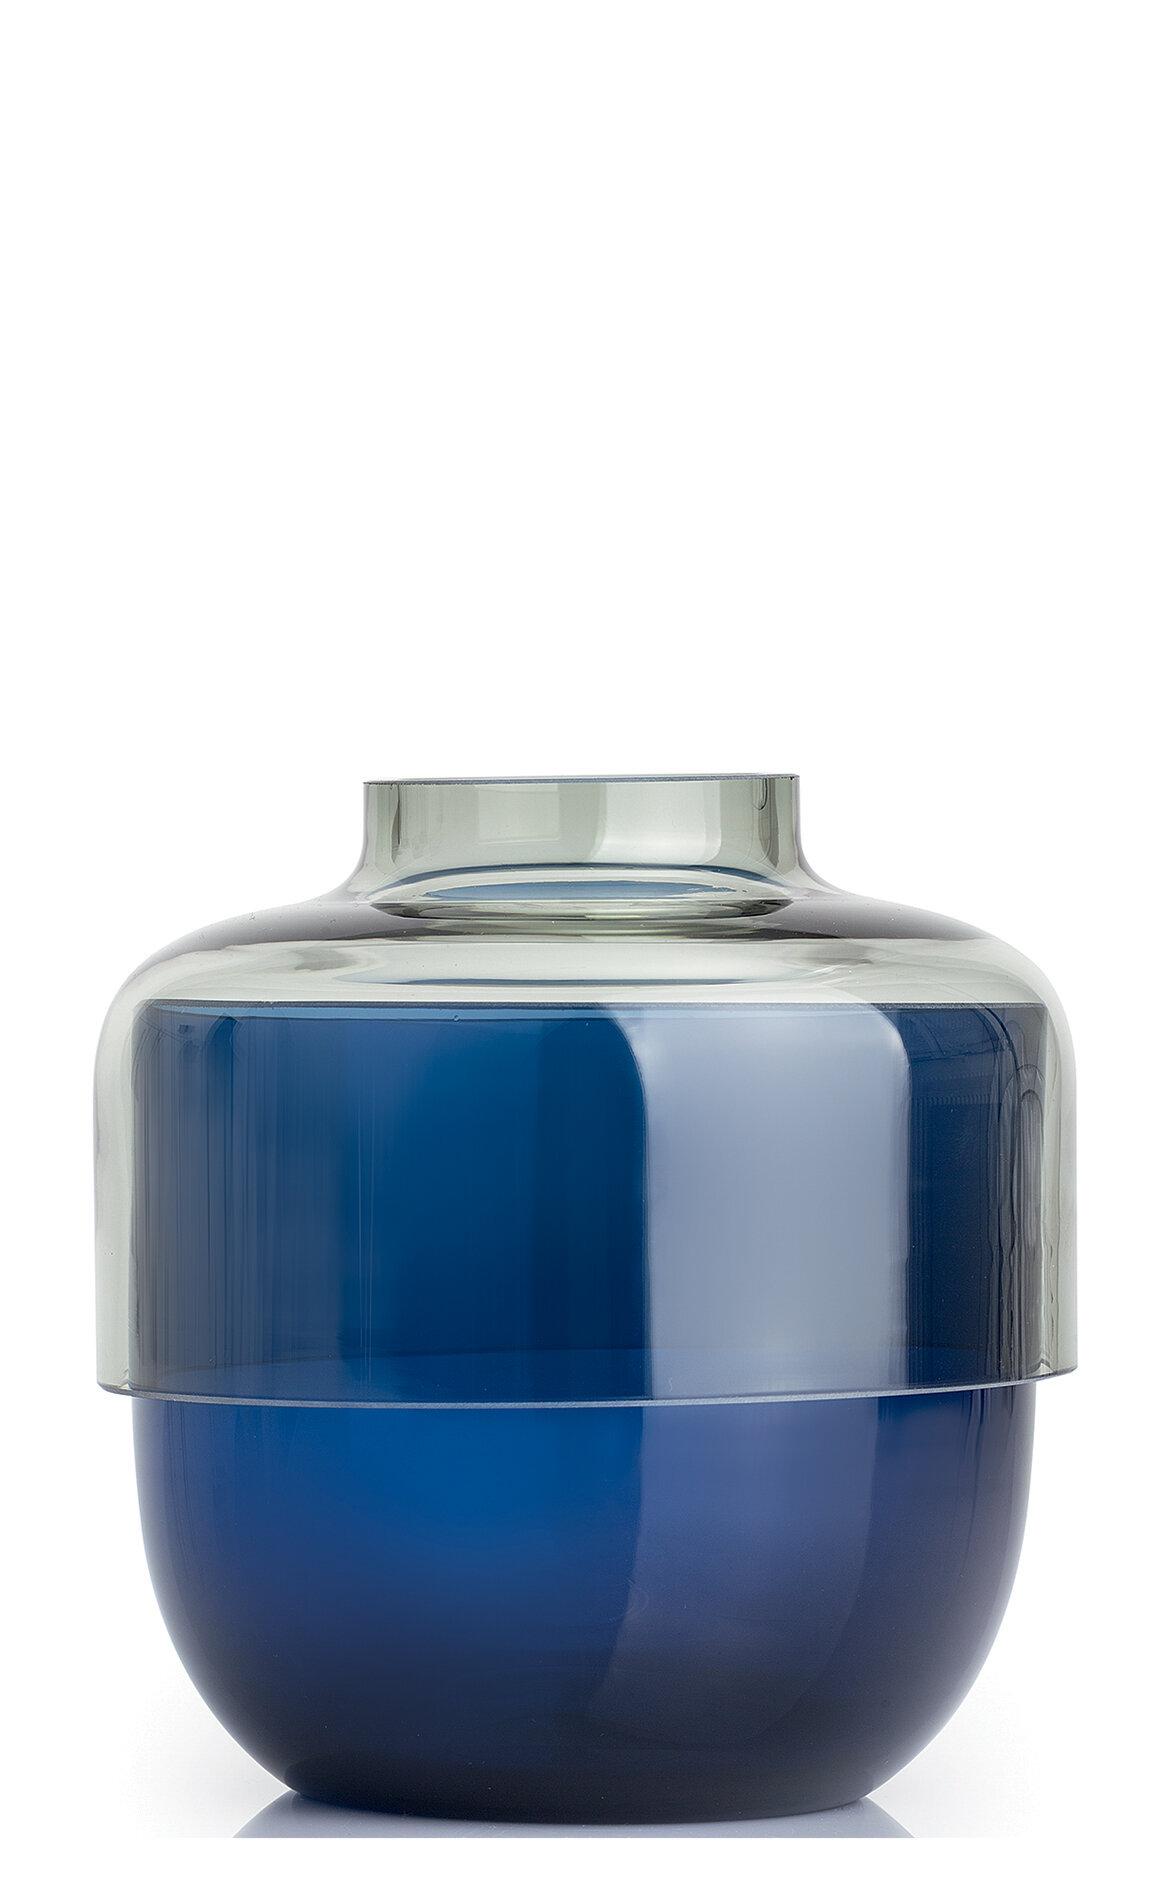 Leonardo Fusion İkili Mavi / Gri Vazo Seti